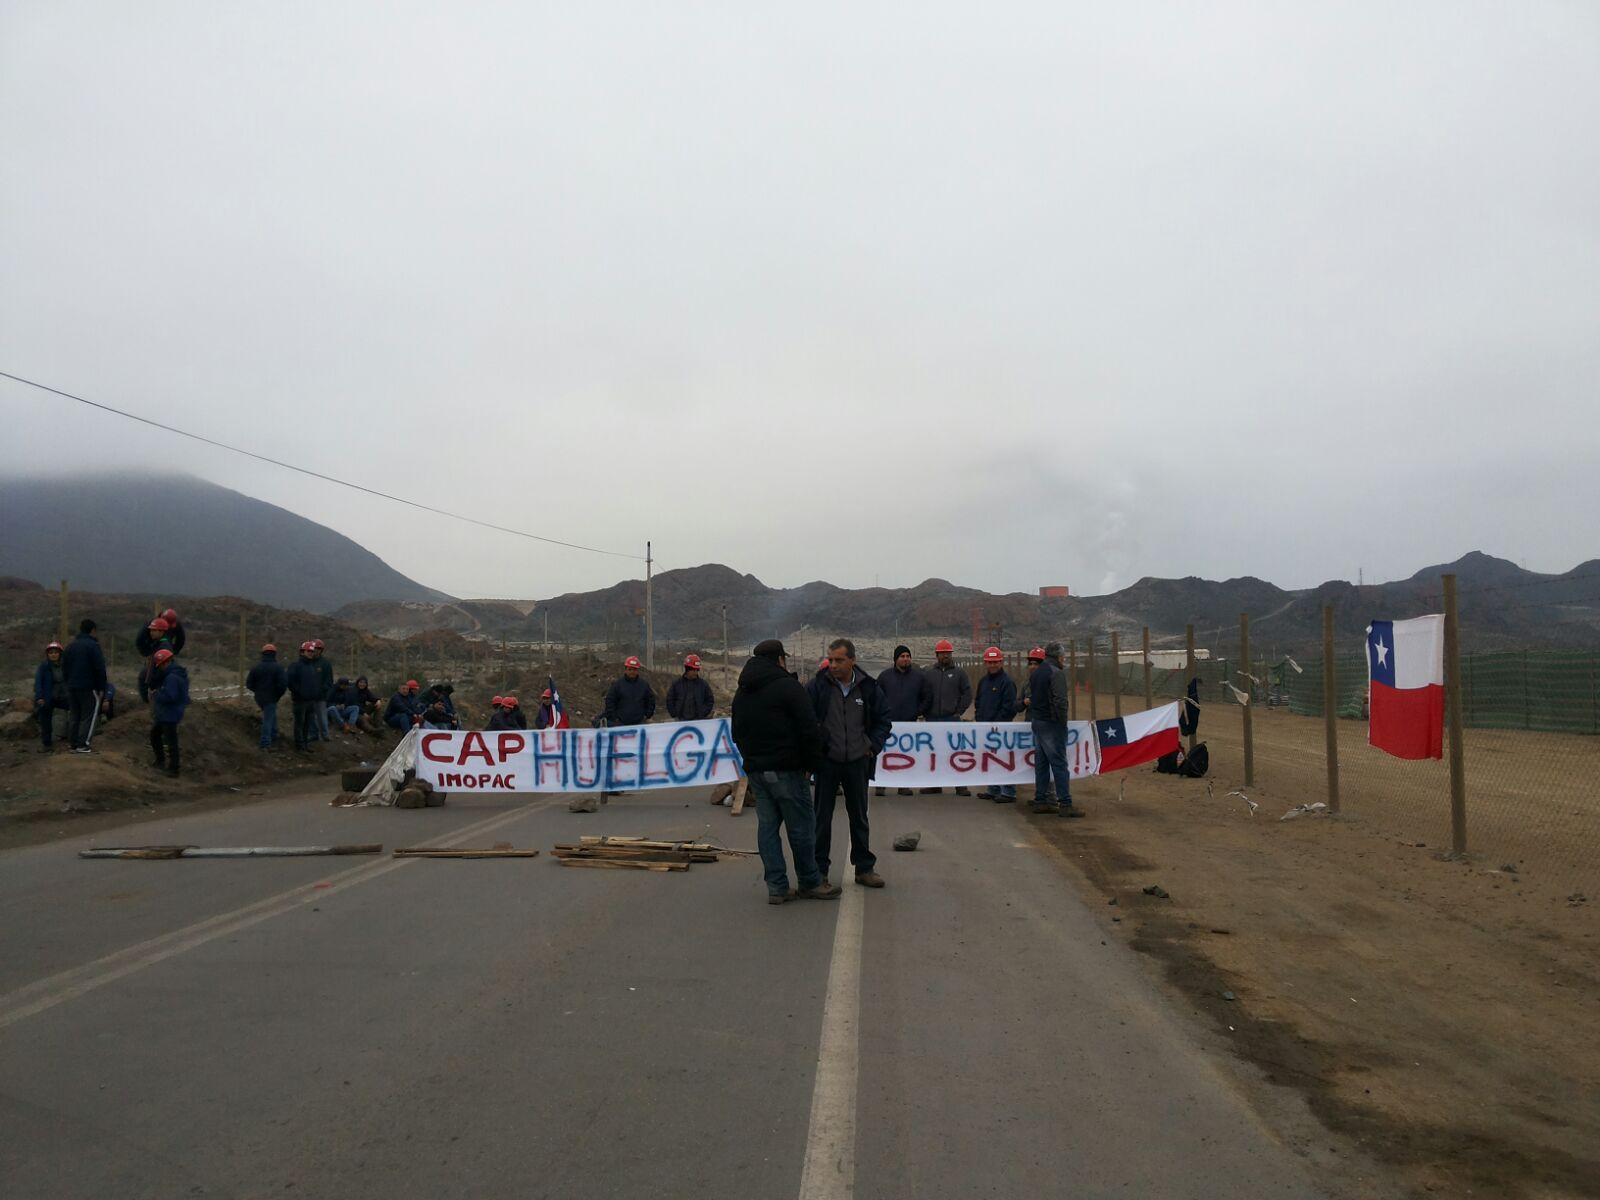 Imopac inicia huelga y se toma instalaciones de Planta de Pellets en Huasco